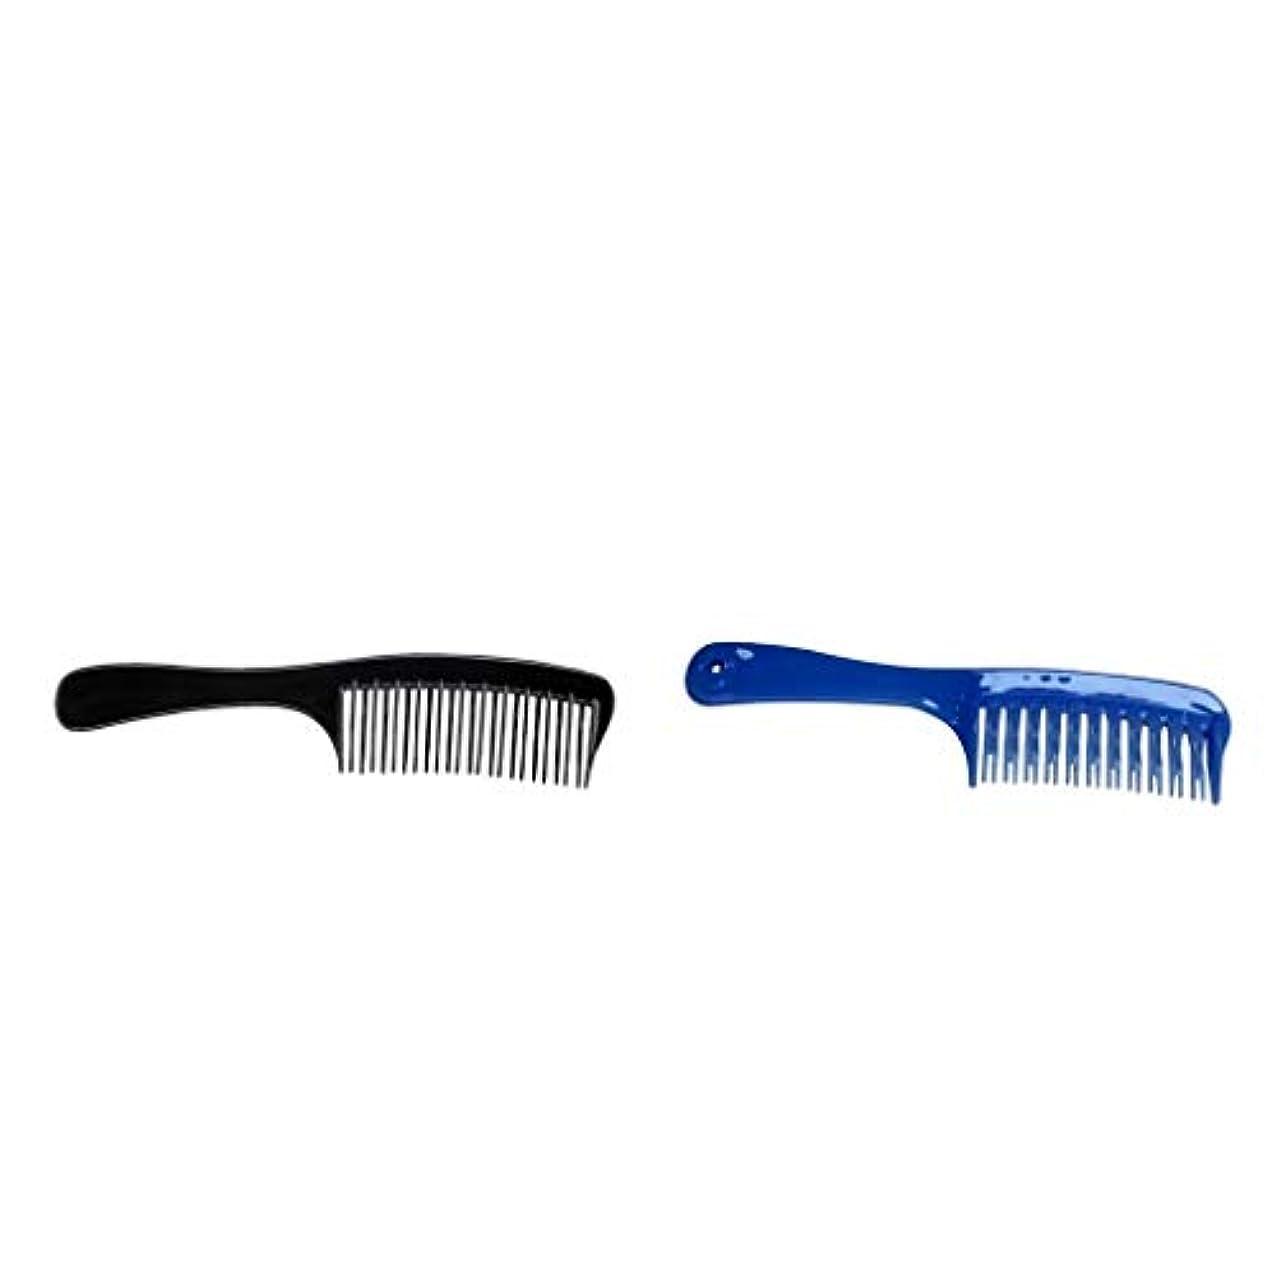 強調単位政治Toygogo 理髪店大きいDetanglerのもつれを解く毛の櫛、二重湾曲した歯の櫛様式、耐久のプラスチック、抵抗力がある漂白剤の色